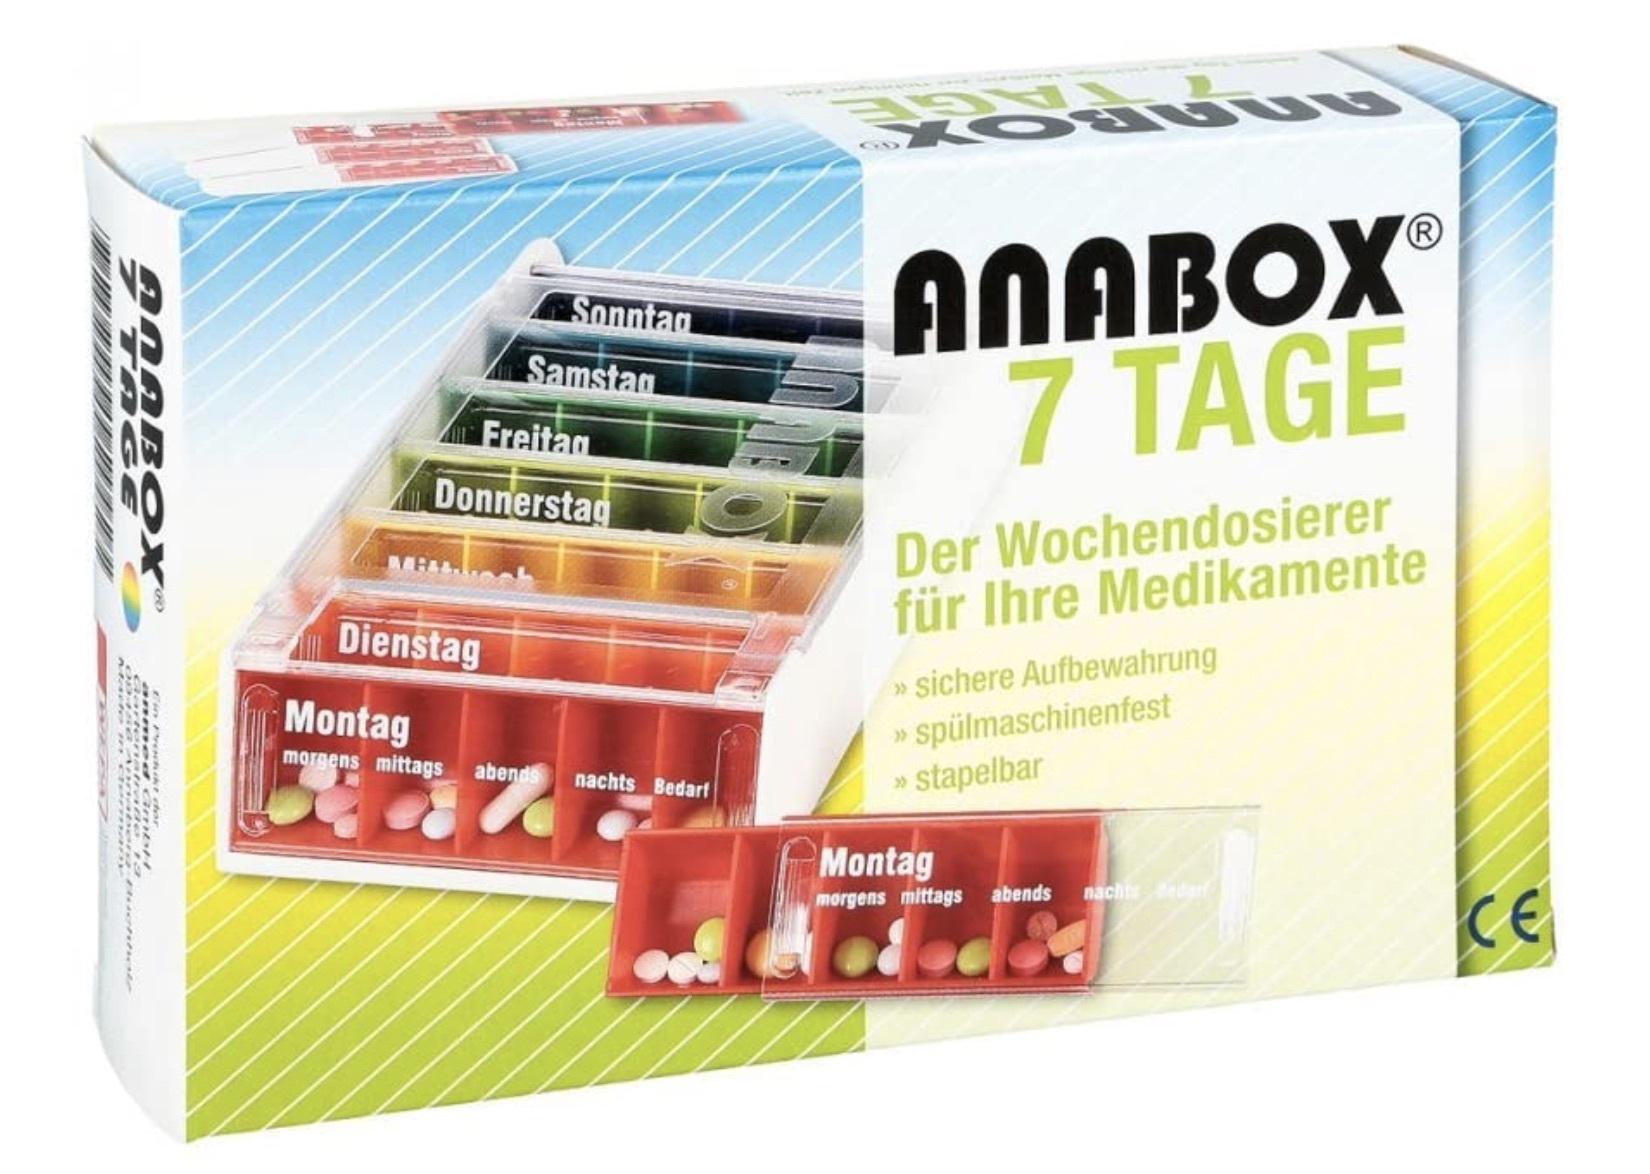 Ana Box zur leichten Dosierung